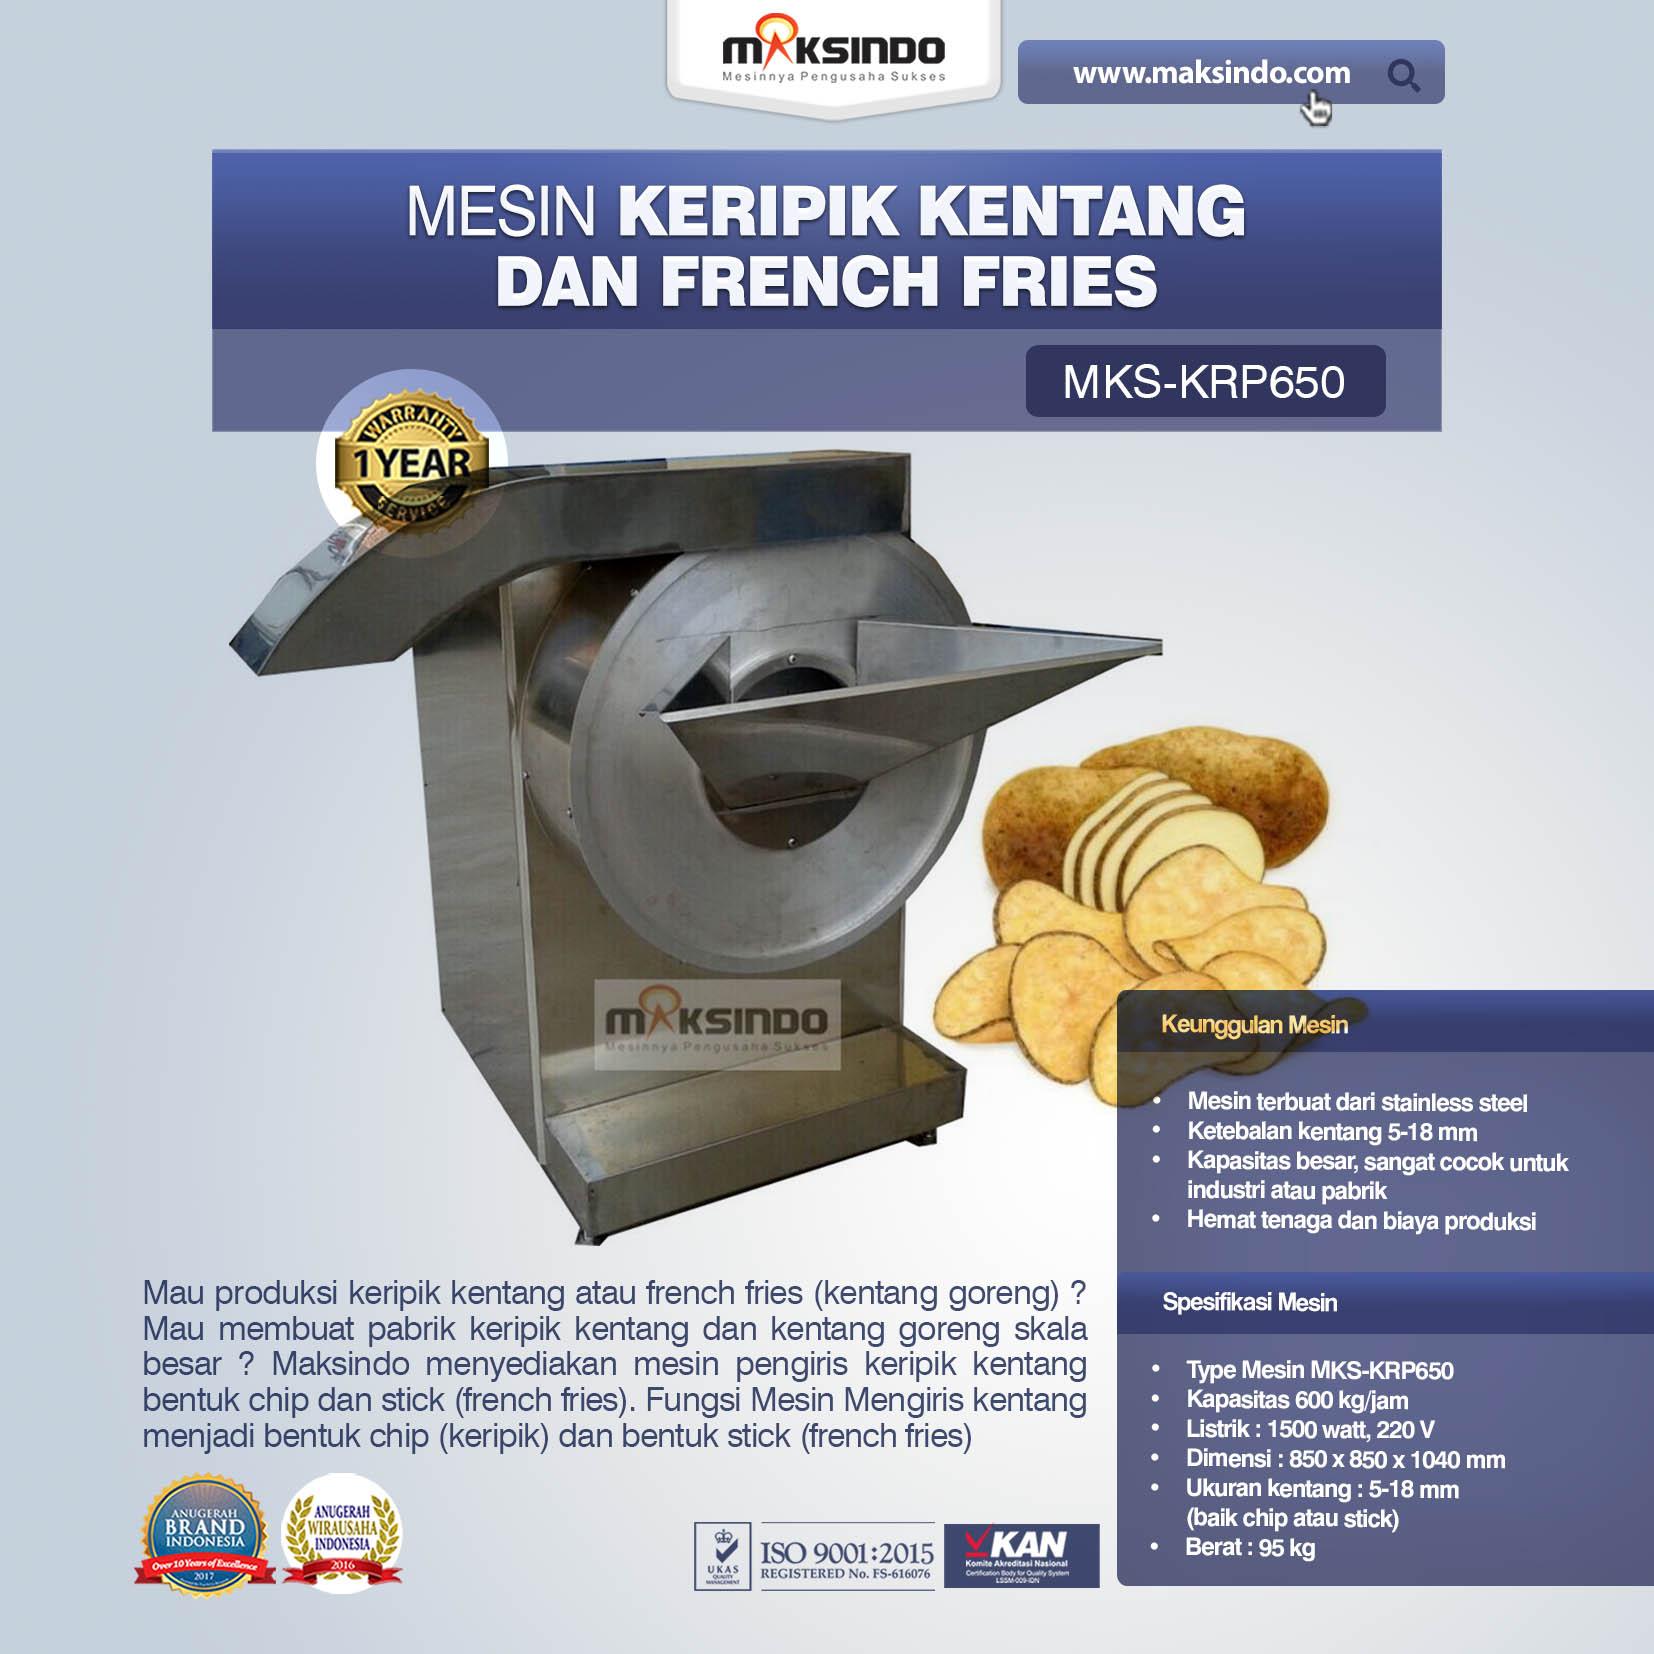 Mesin Keripik Kentang Dan French Fries MKS-KRP650